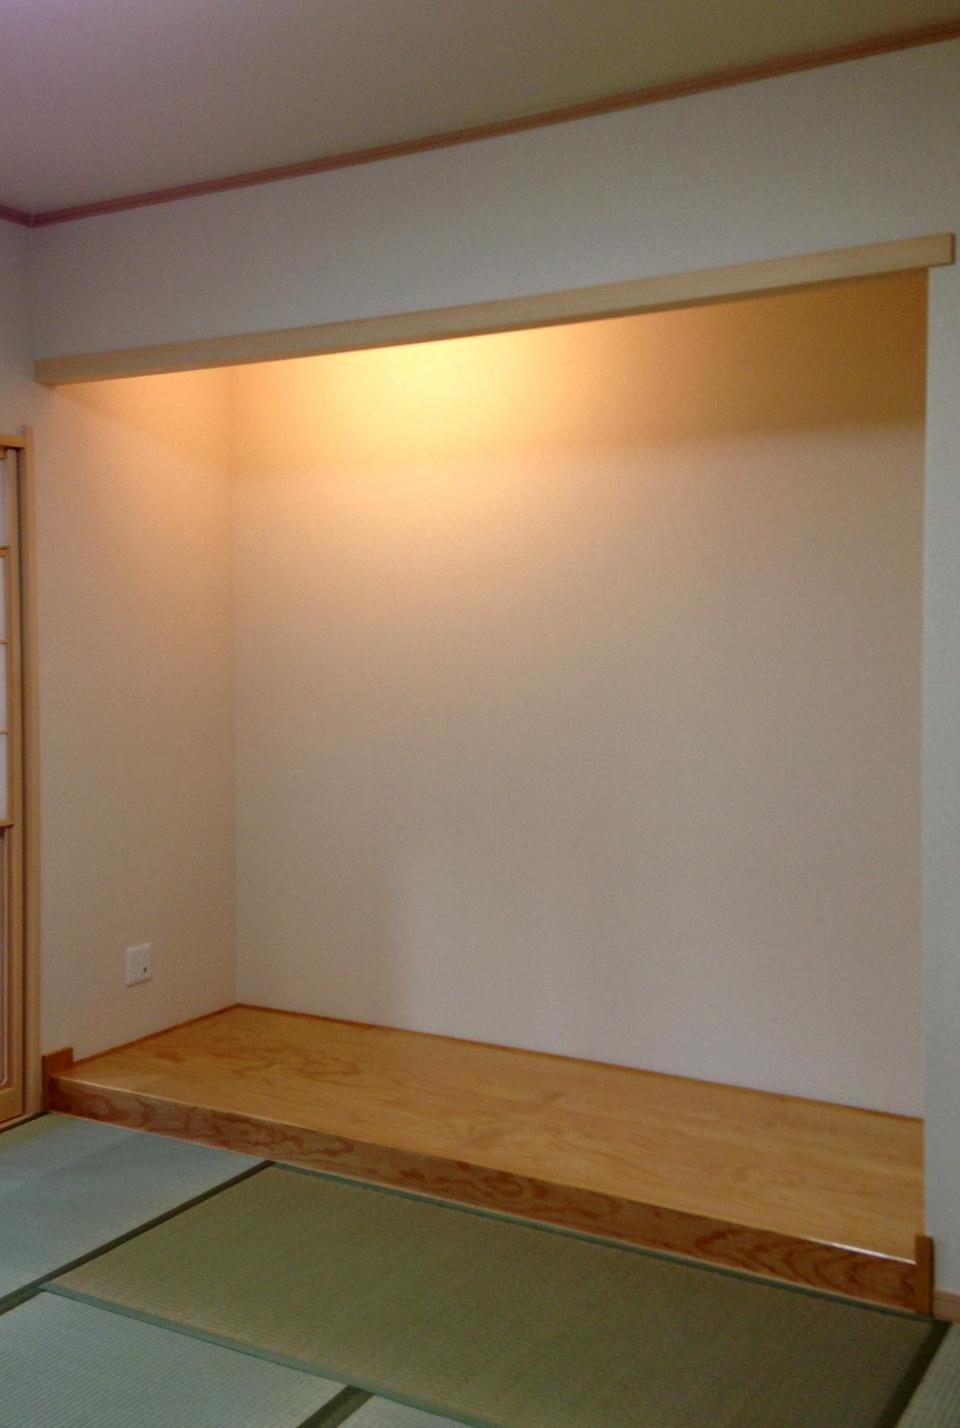 間接照明で照らされている床の間